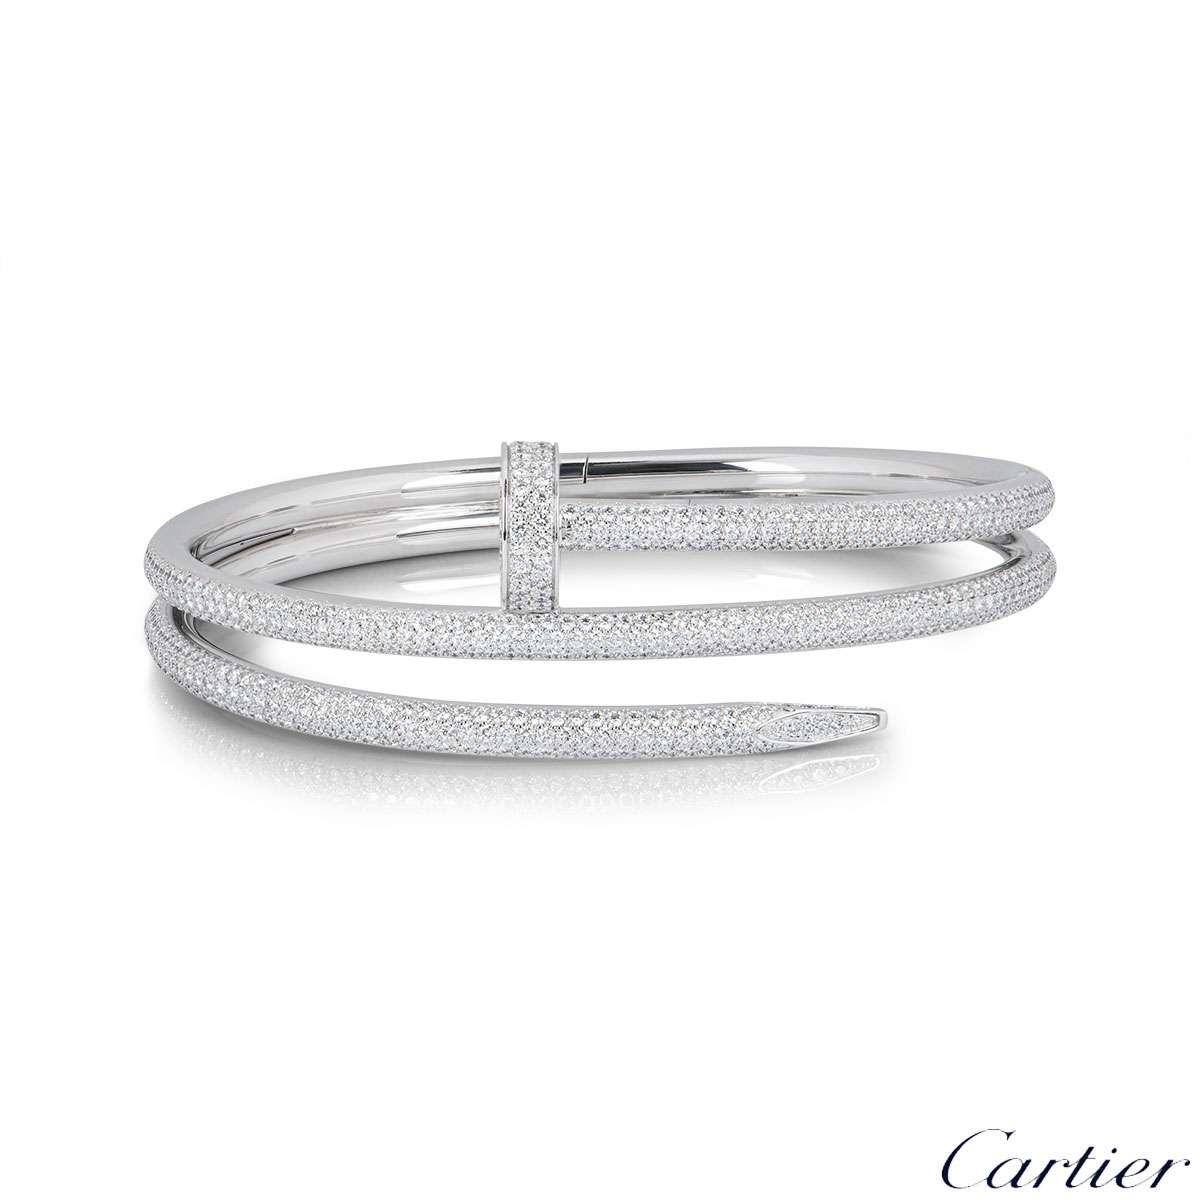 Cartier White Gold Diamond Juste Un Clou Bracelet Size 16 N6708716